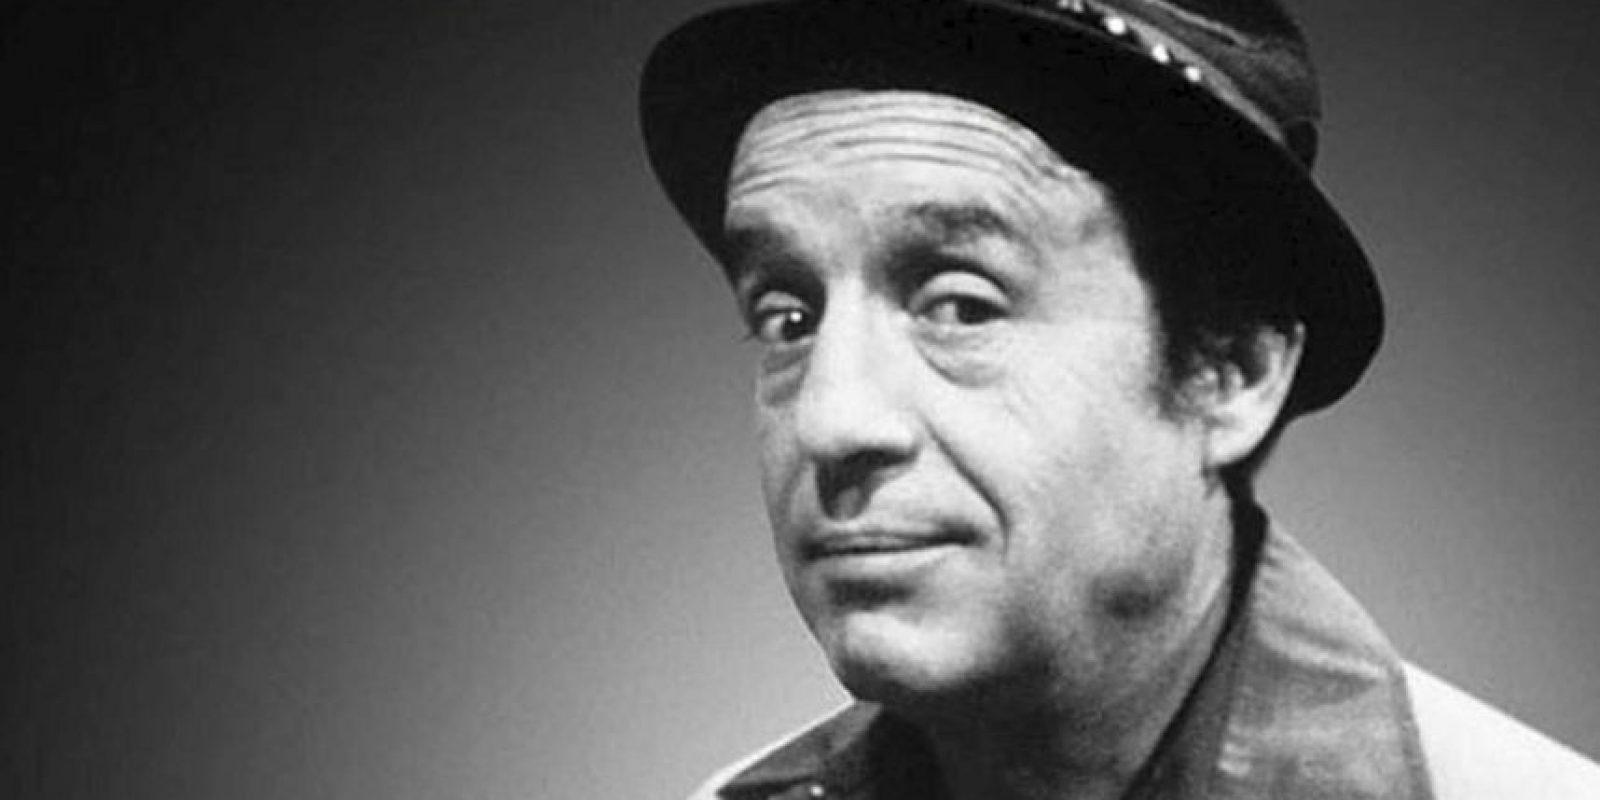 Fue actor comediante, dramaturgo, escritor, guionista, compositor, director y productor televisivo mexicano. Foto:Grosby Group